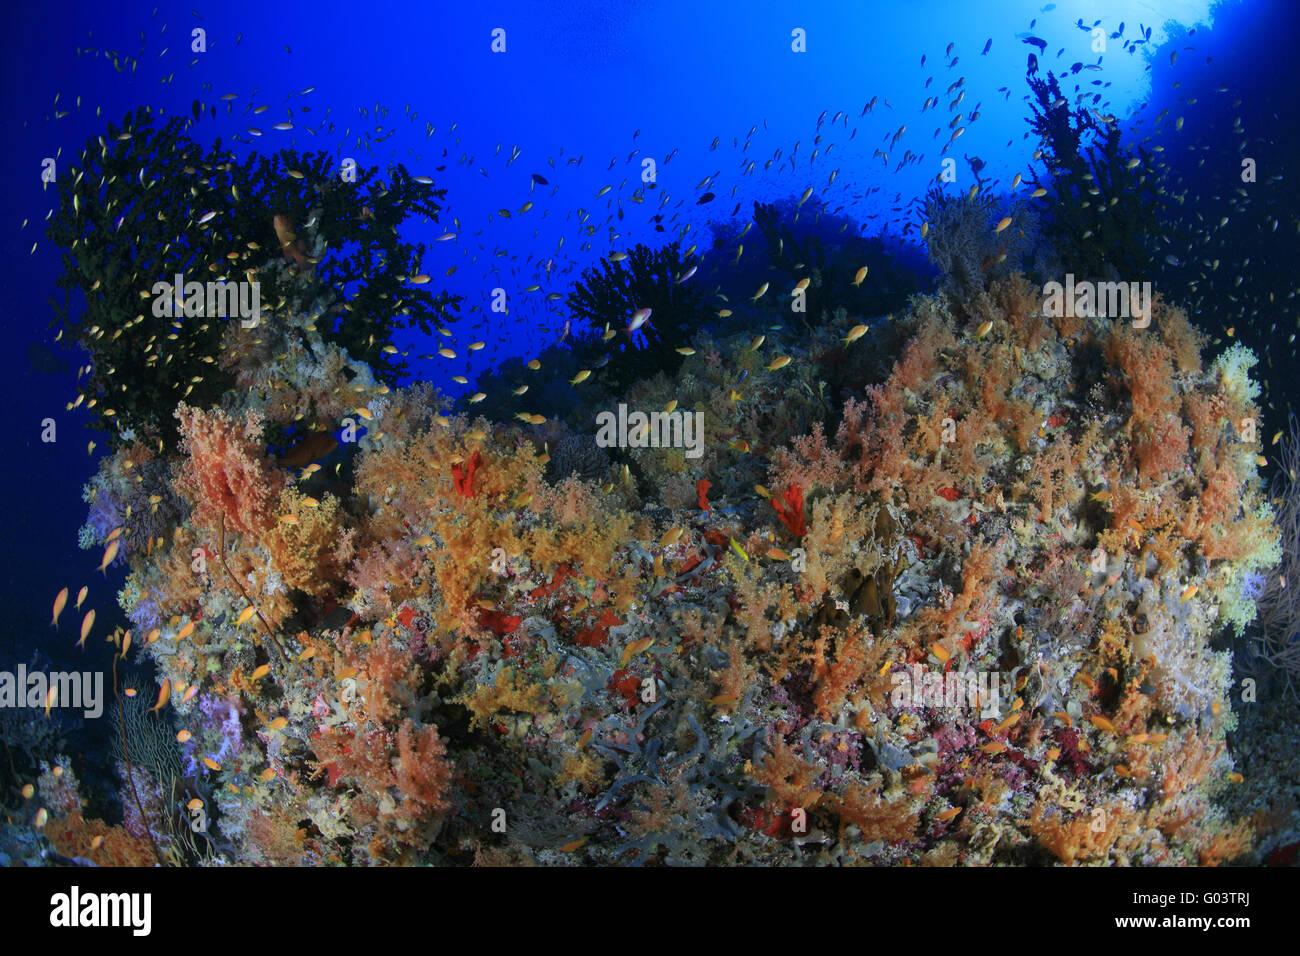 Groß Malvorlagen Von Korallenriffen Zeitgenössisch - Framing ...